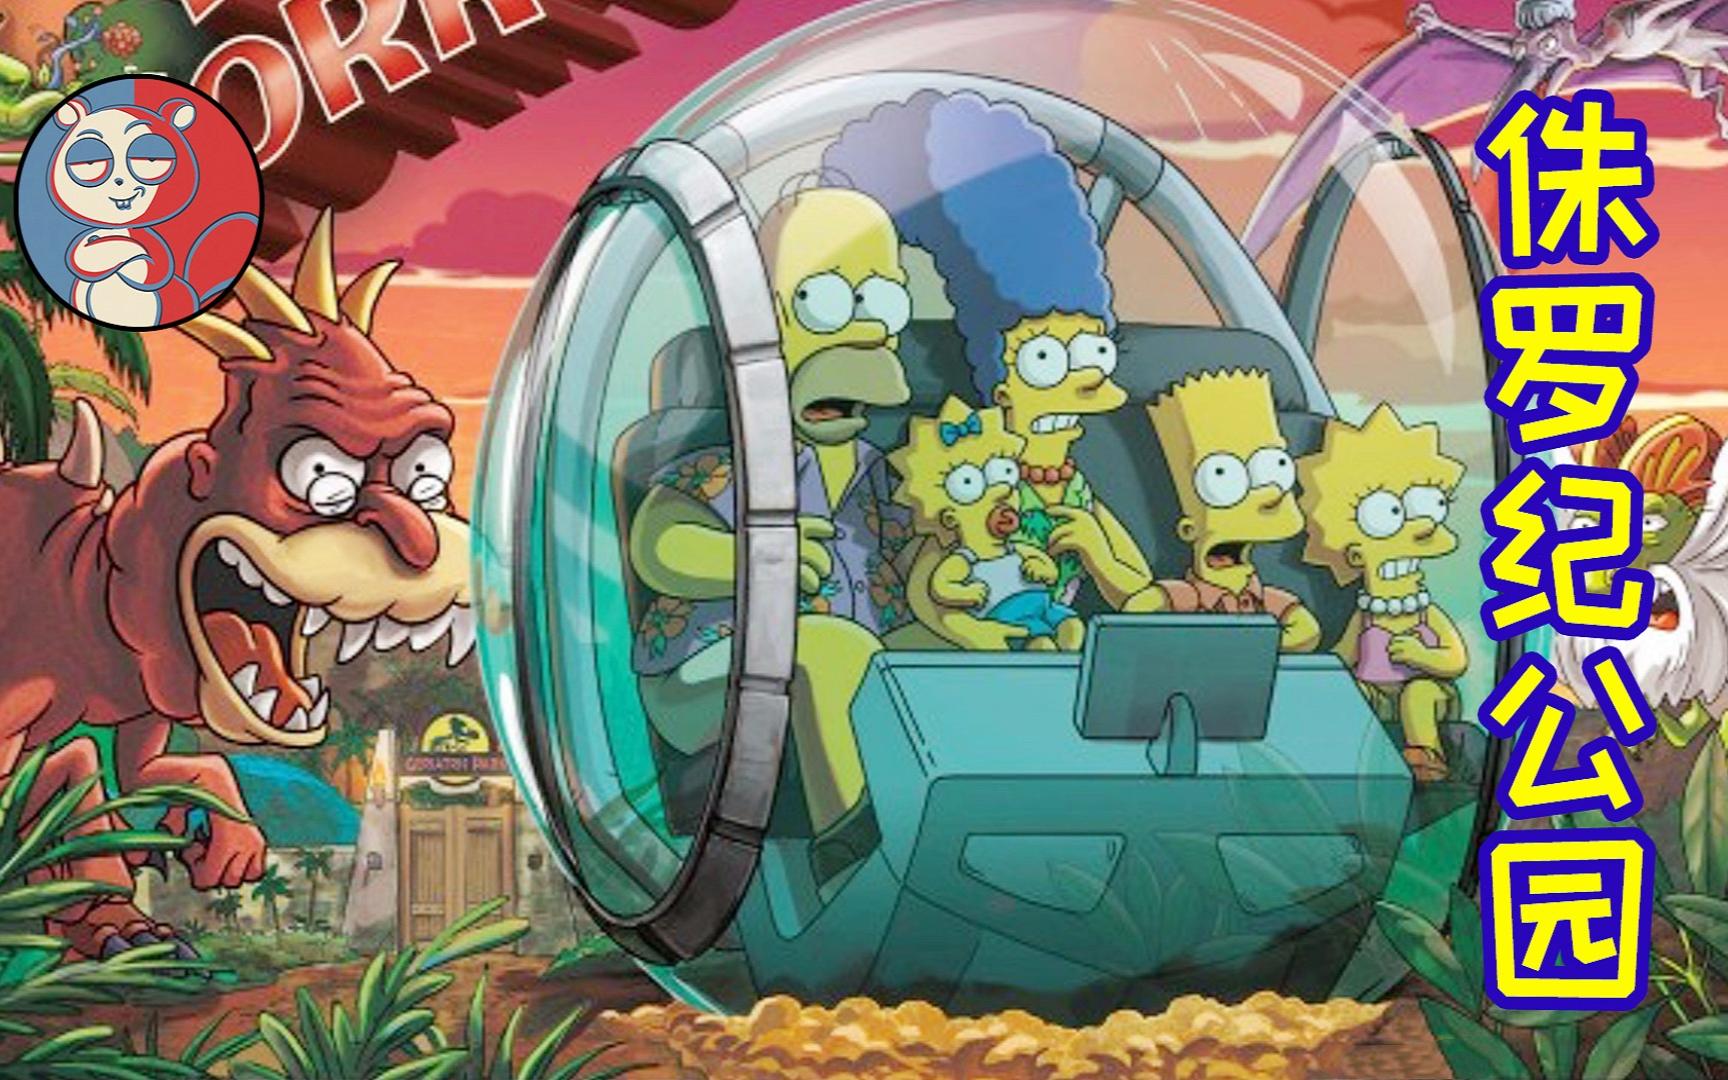 【飞鼠】「苹果手机」最终版上市?全家人来到侏罗纪公园!《辛普森一家》